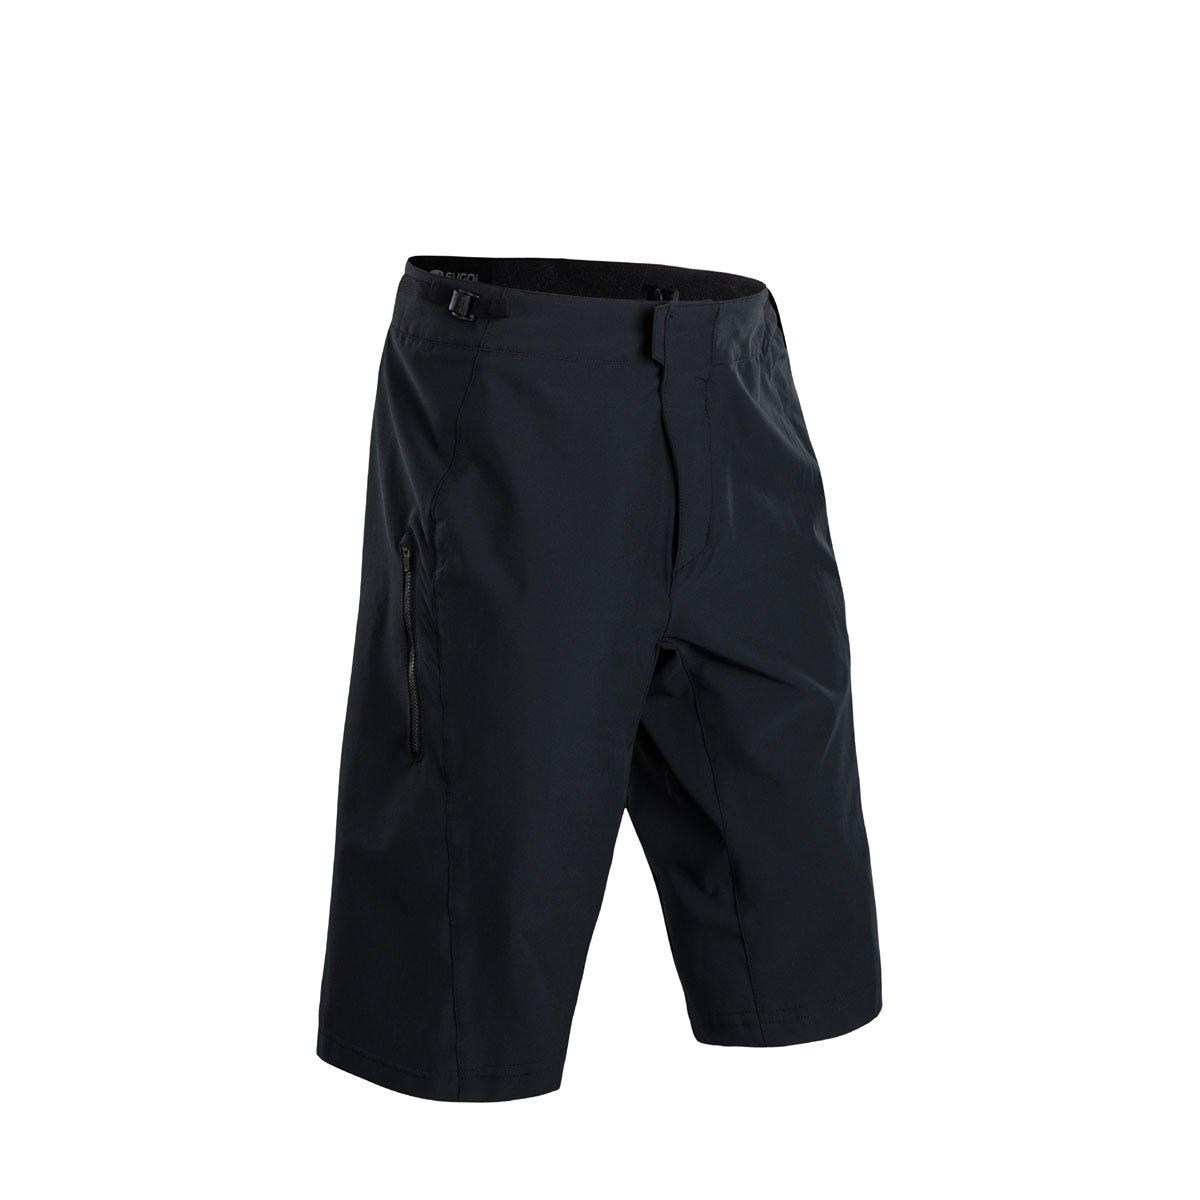 Sugoi トレイルショーツ メンズ Medium ブラック B06X6GBZDX